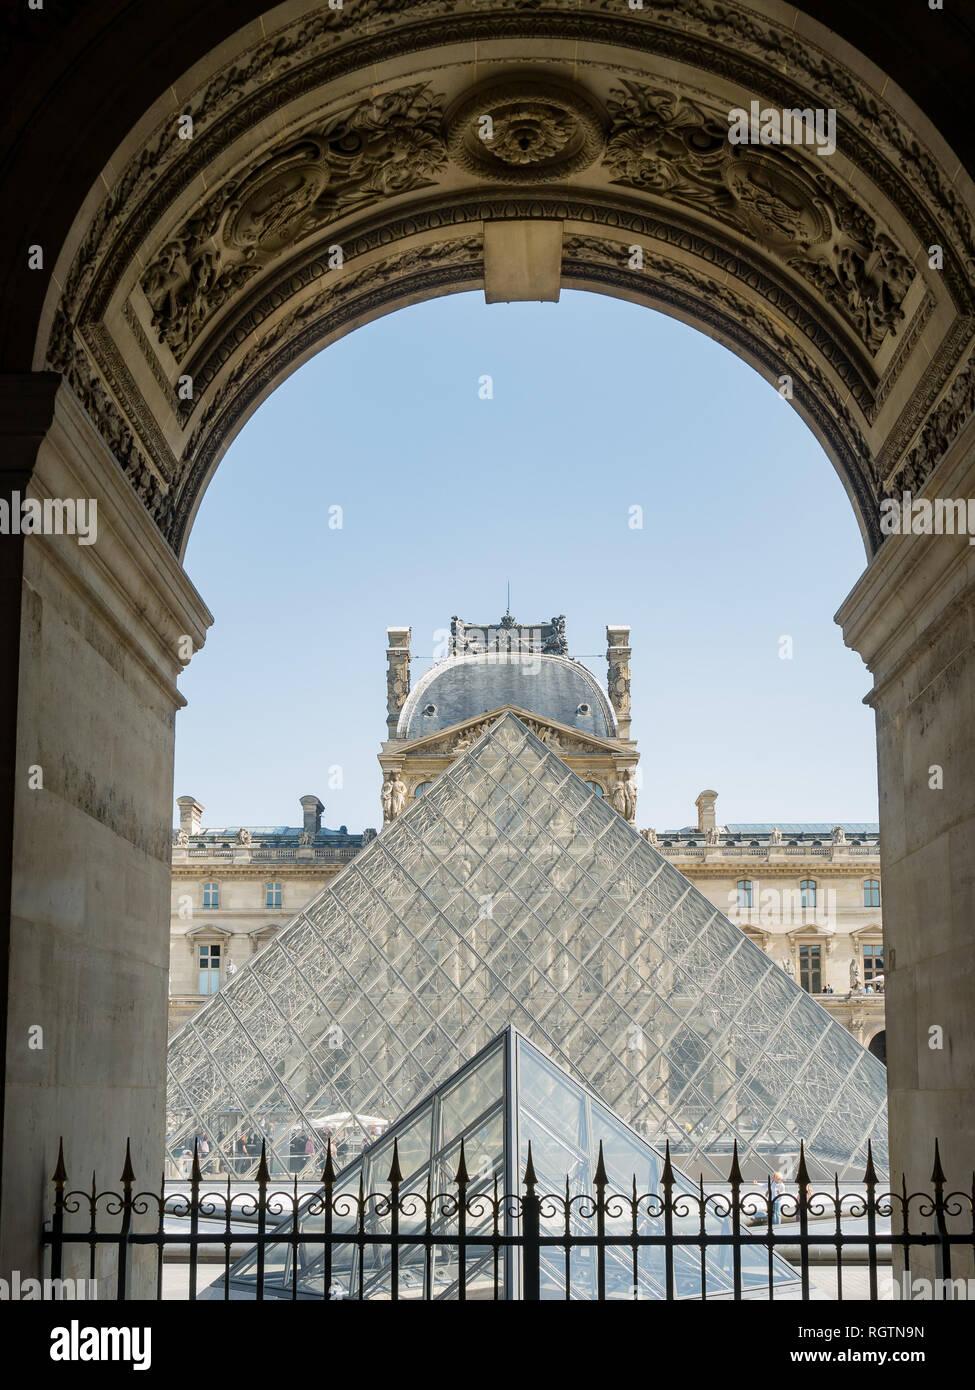 En Francia, el 7 de mayo: vista exterior de la famosa pirámide y el Museo del Louvre, el 7 de mayo de 2018, en París, Francia Foto de stock